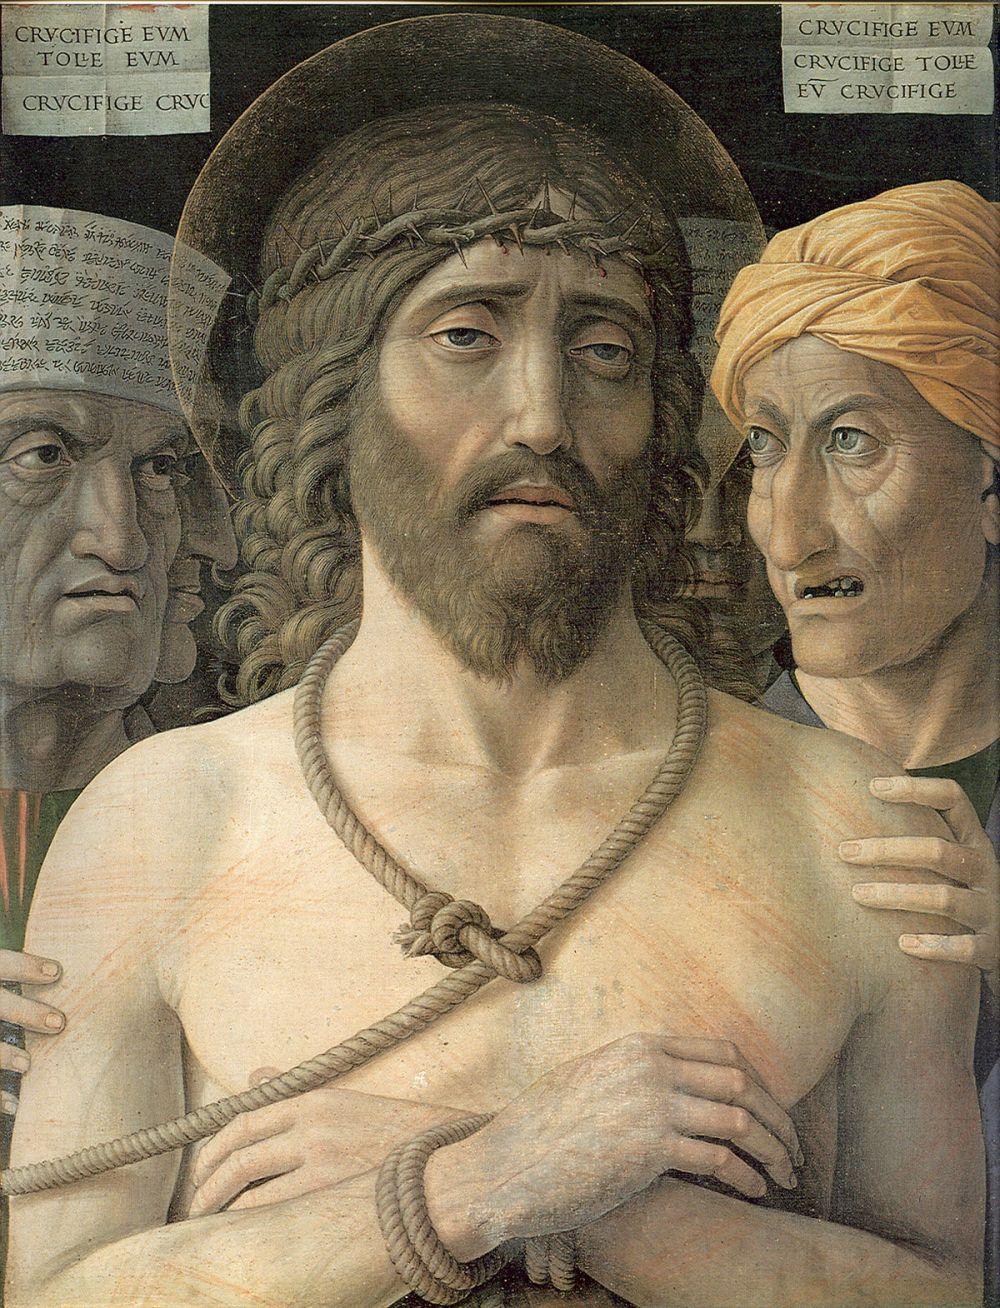 1200px-Ecce-homo_Mantegna.jpg